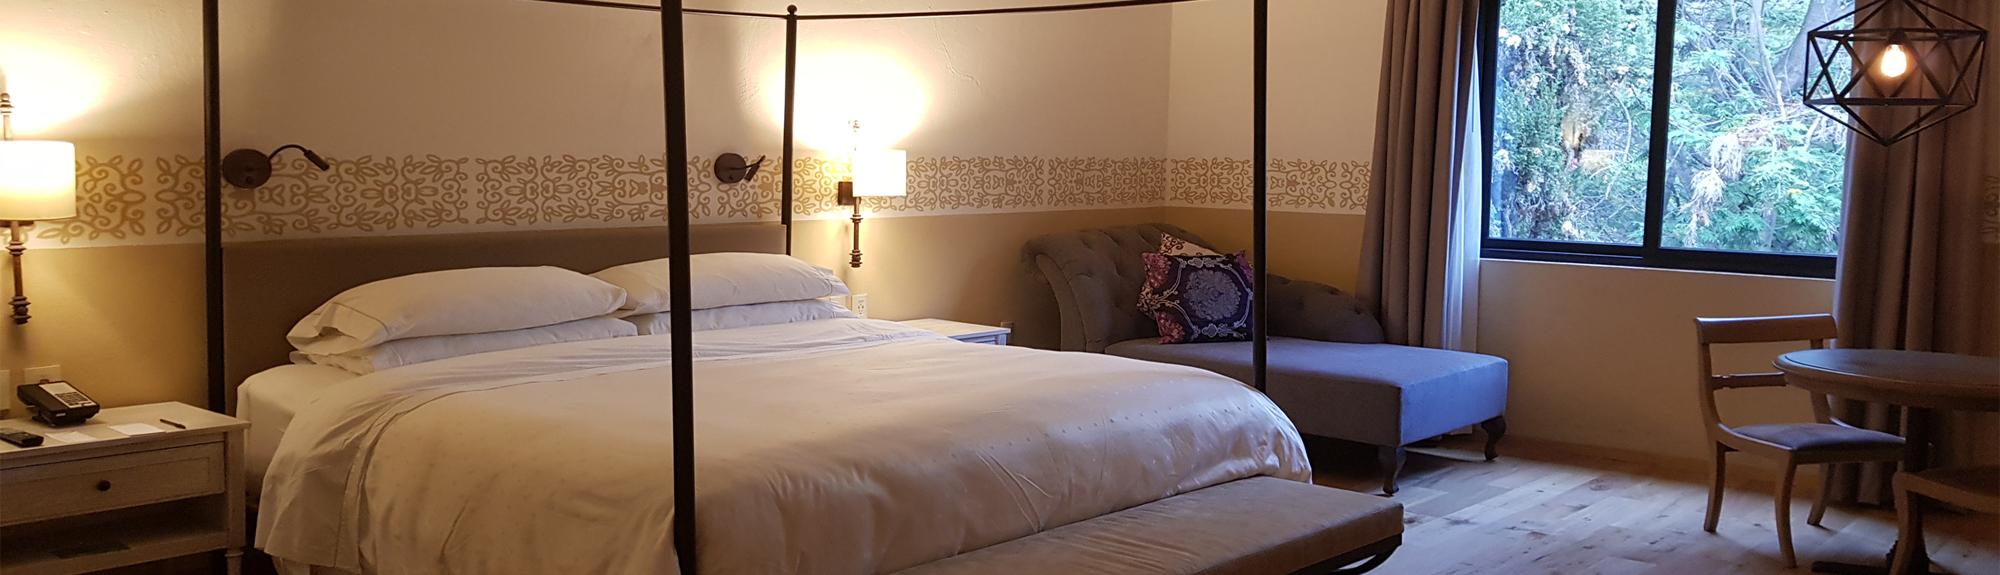 Hotel 5 estrellas en Querétaro